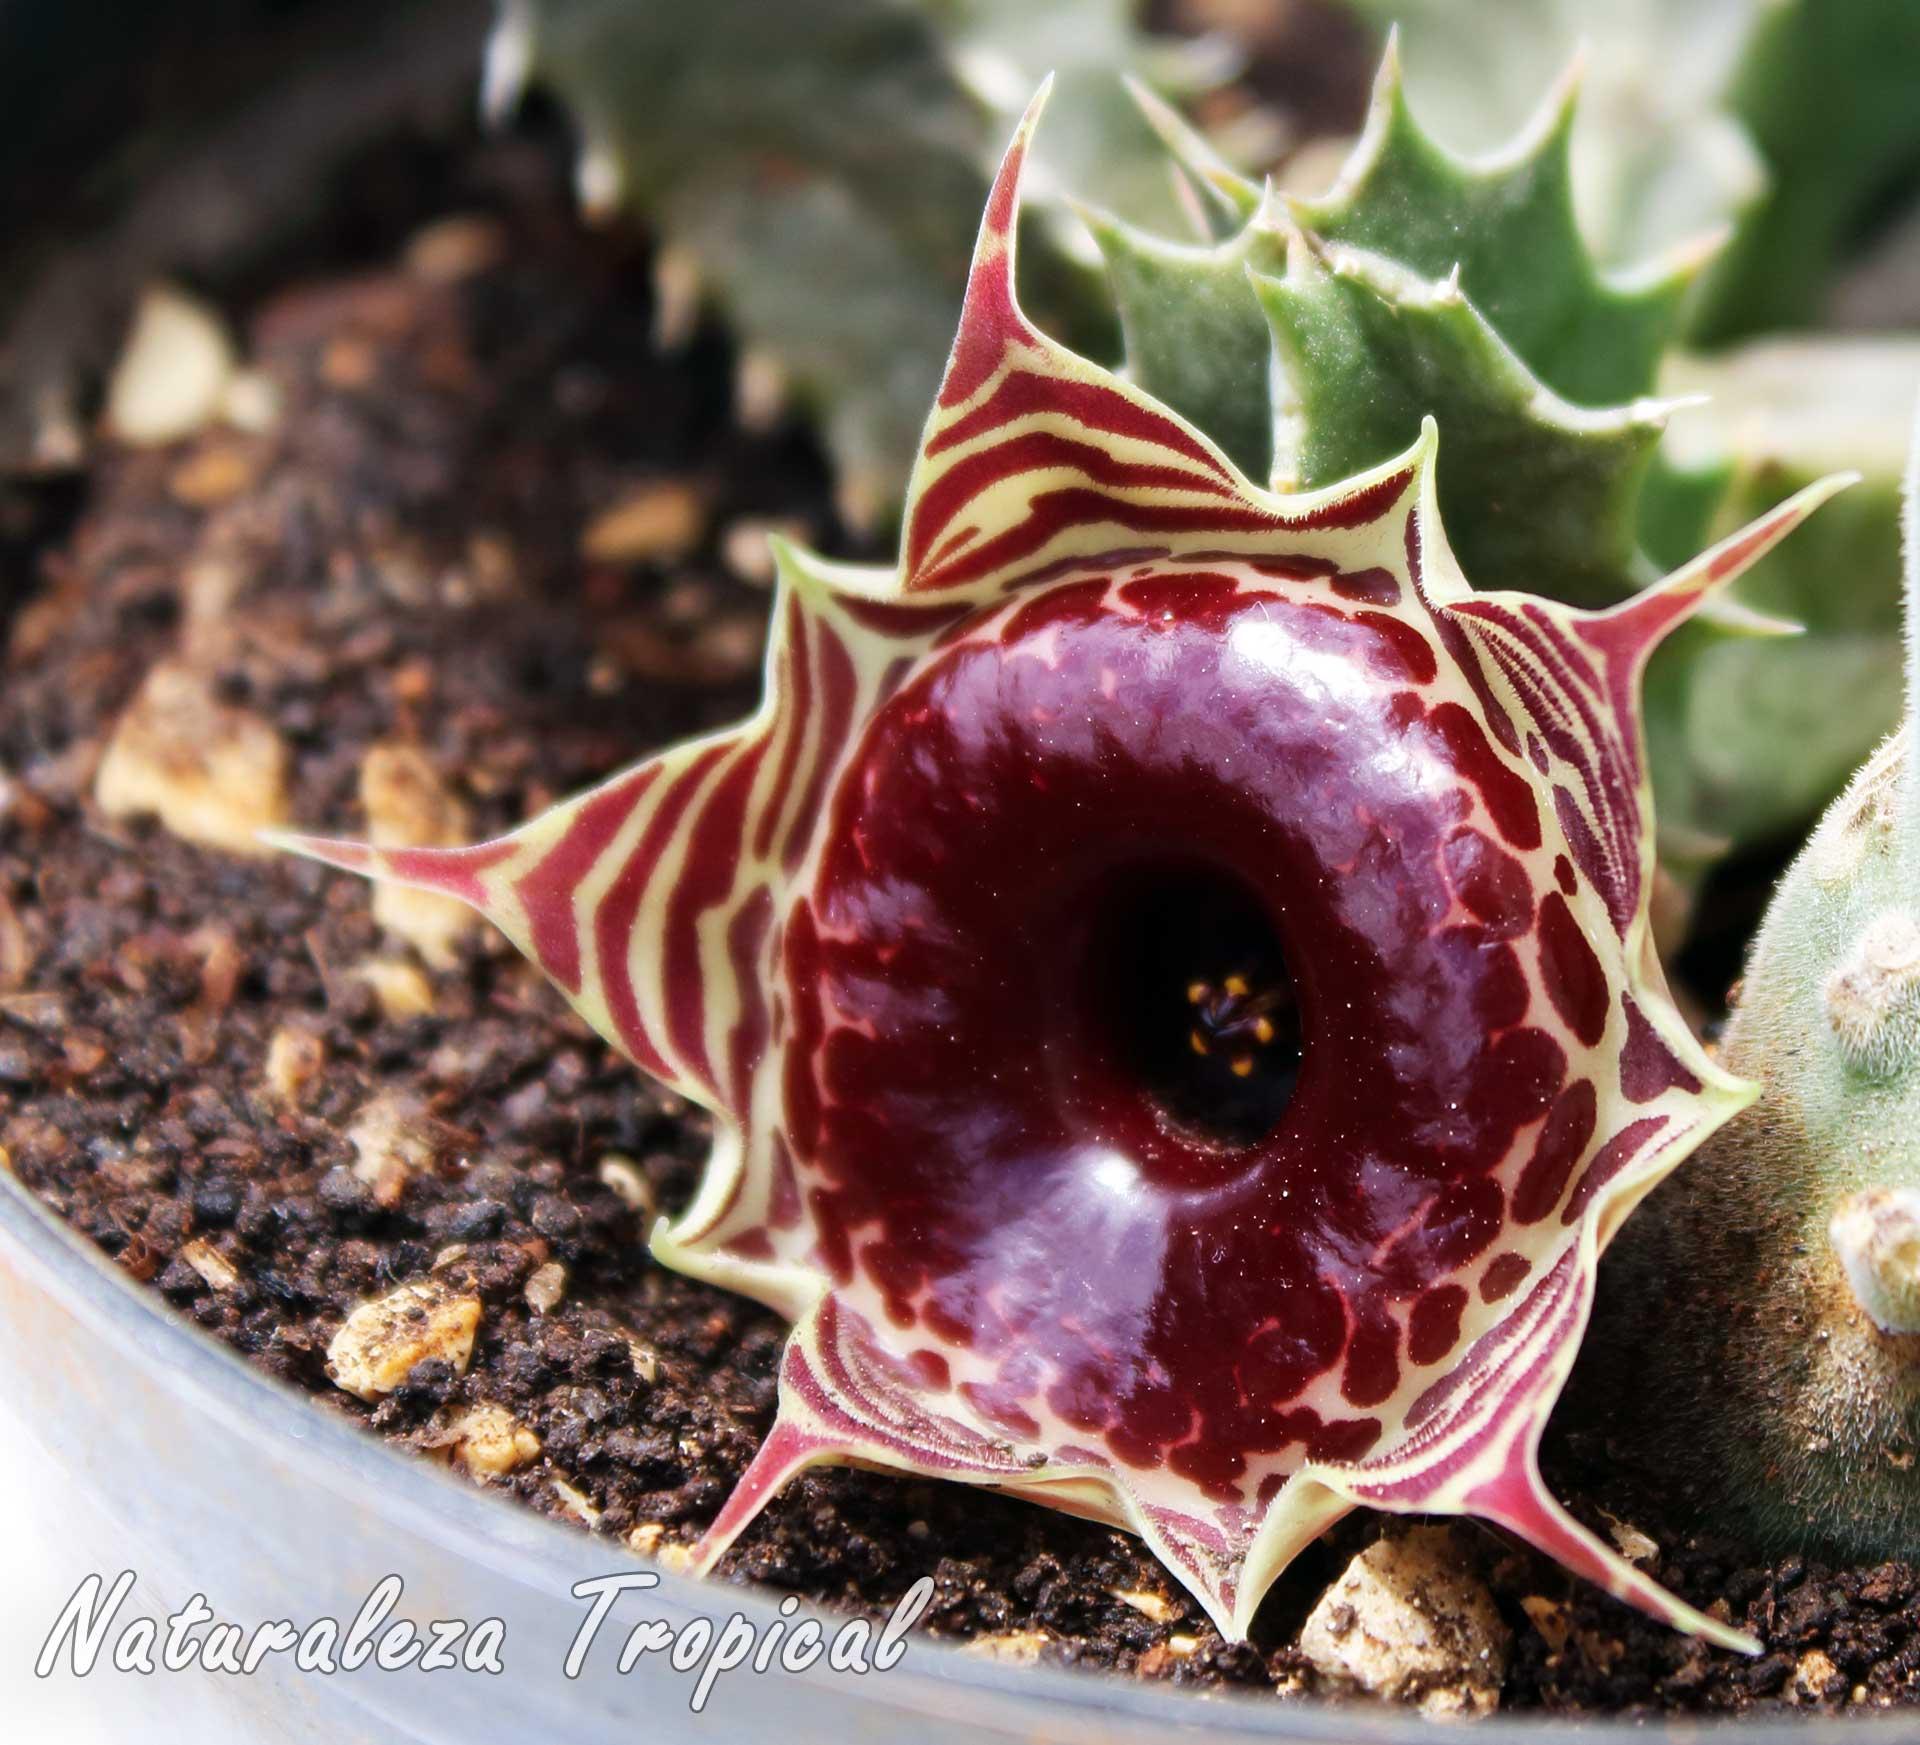 Flor de la planta suculenta Huernia zebrina subsp. magniflora